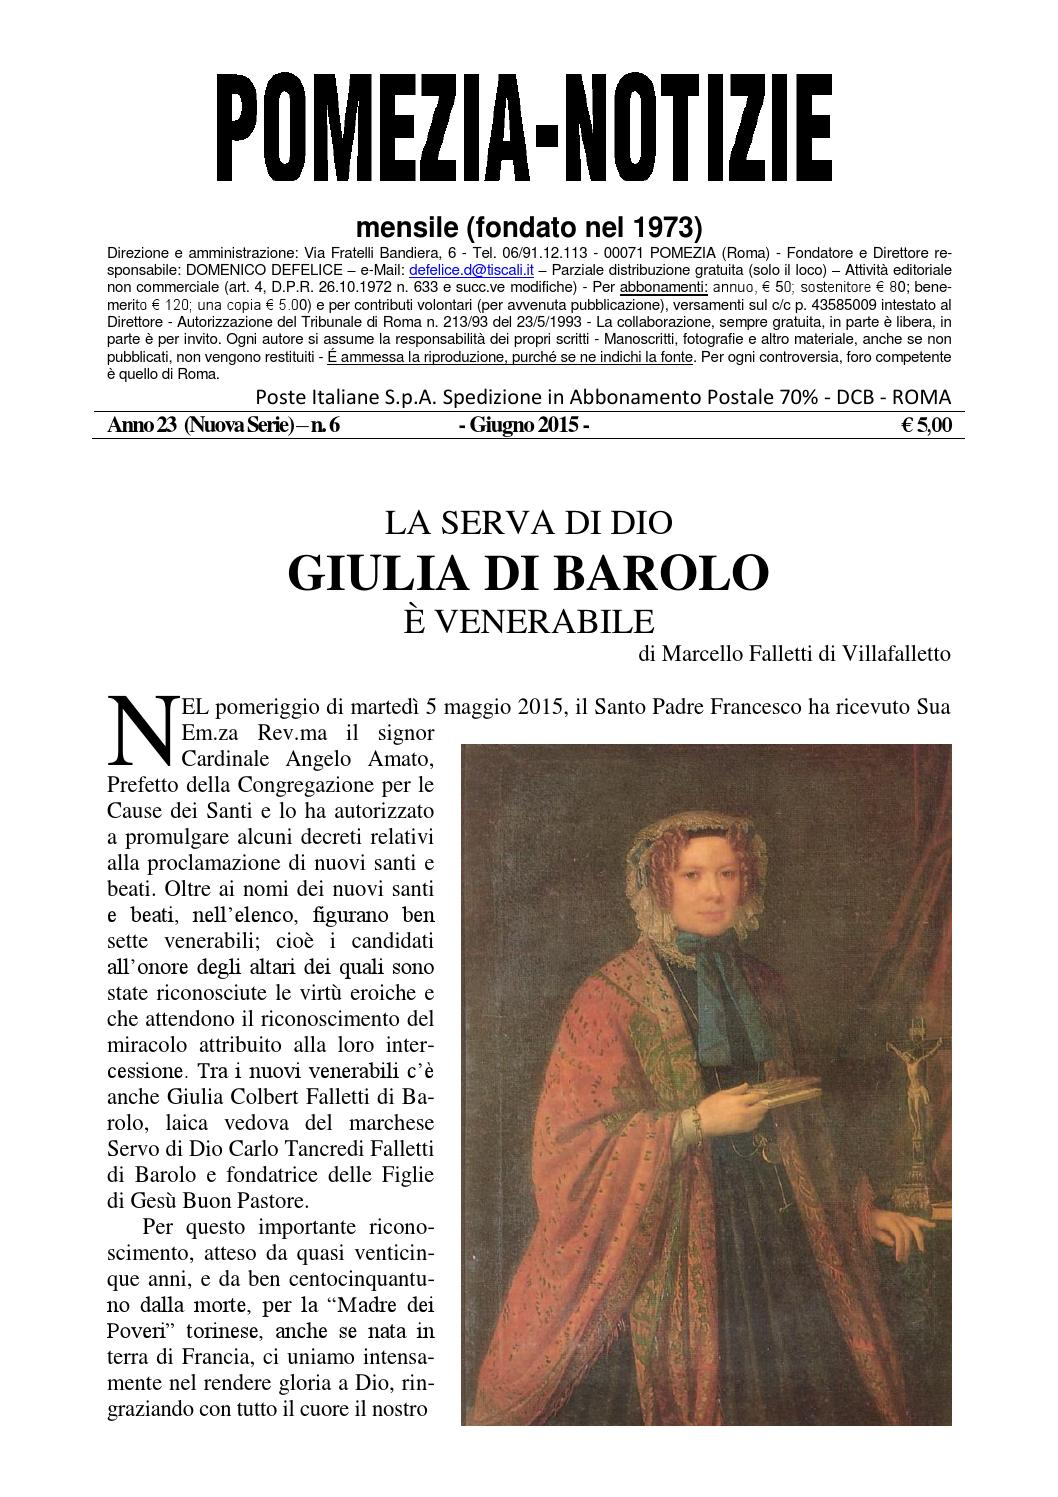 Pomezia Notizie 2015 6 fbf478b687f6